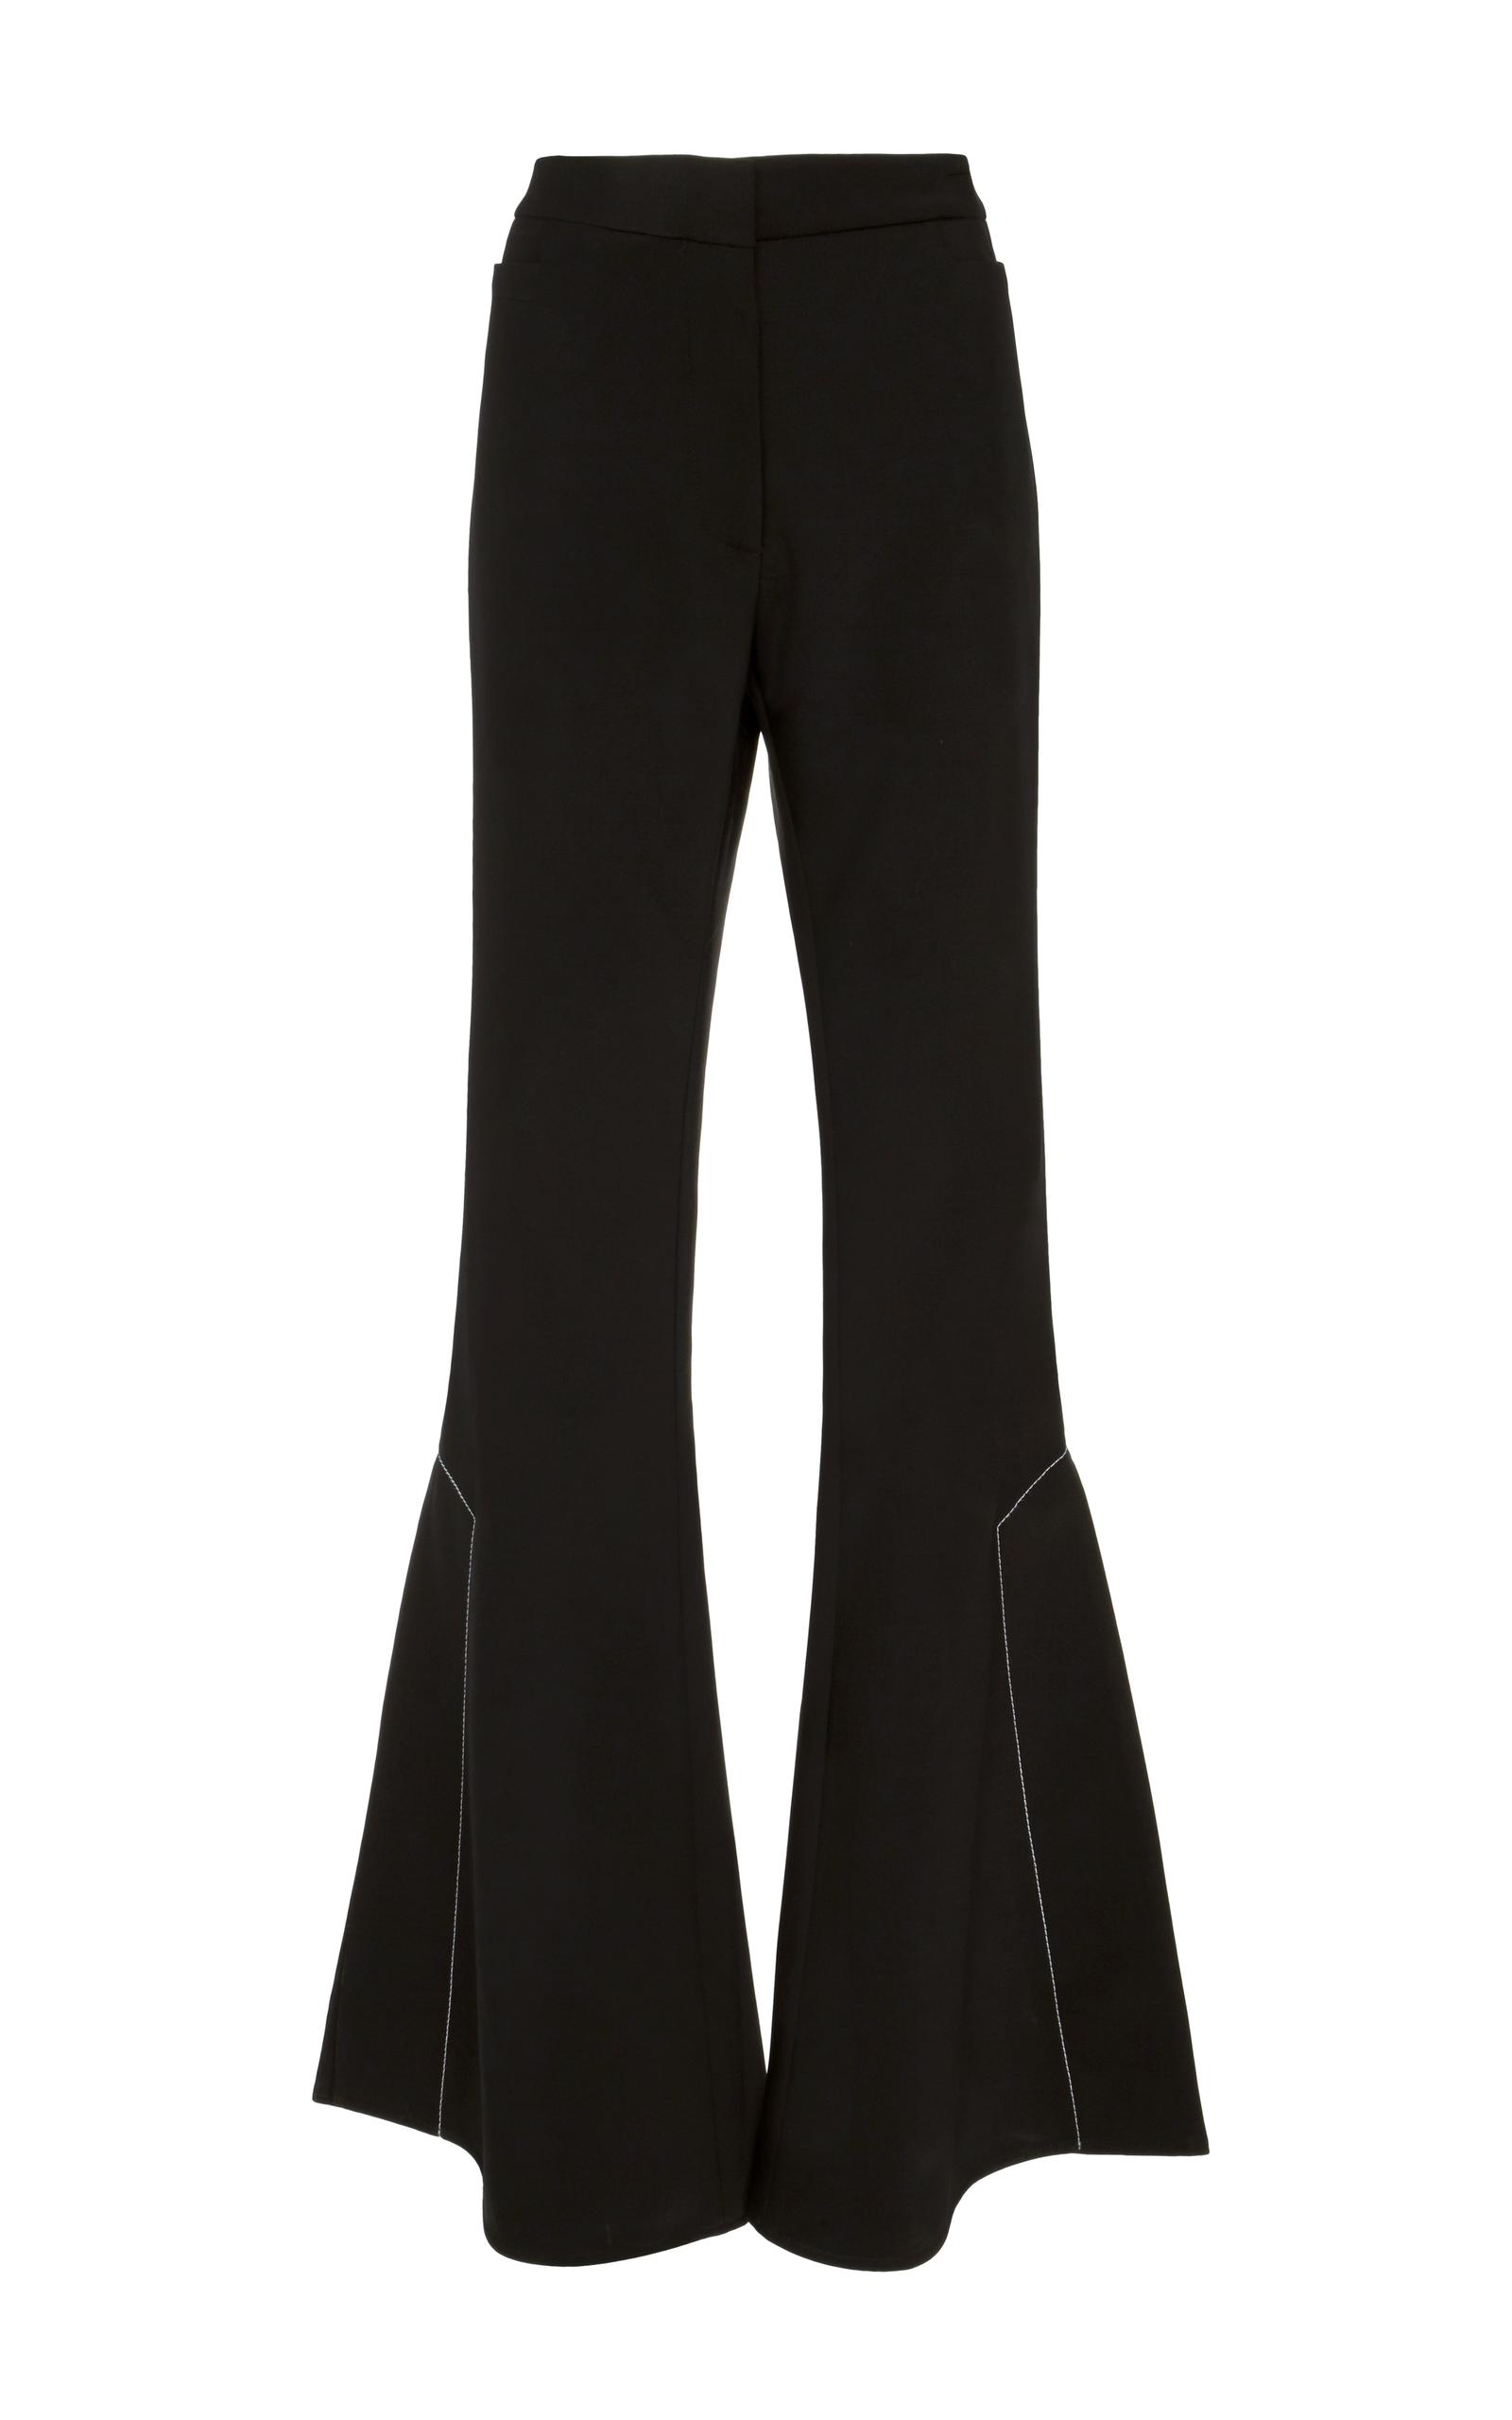 Pantalons Évasés - Bleu Ellery 2LY4X